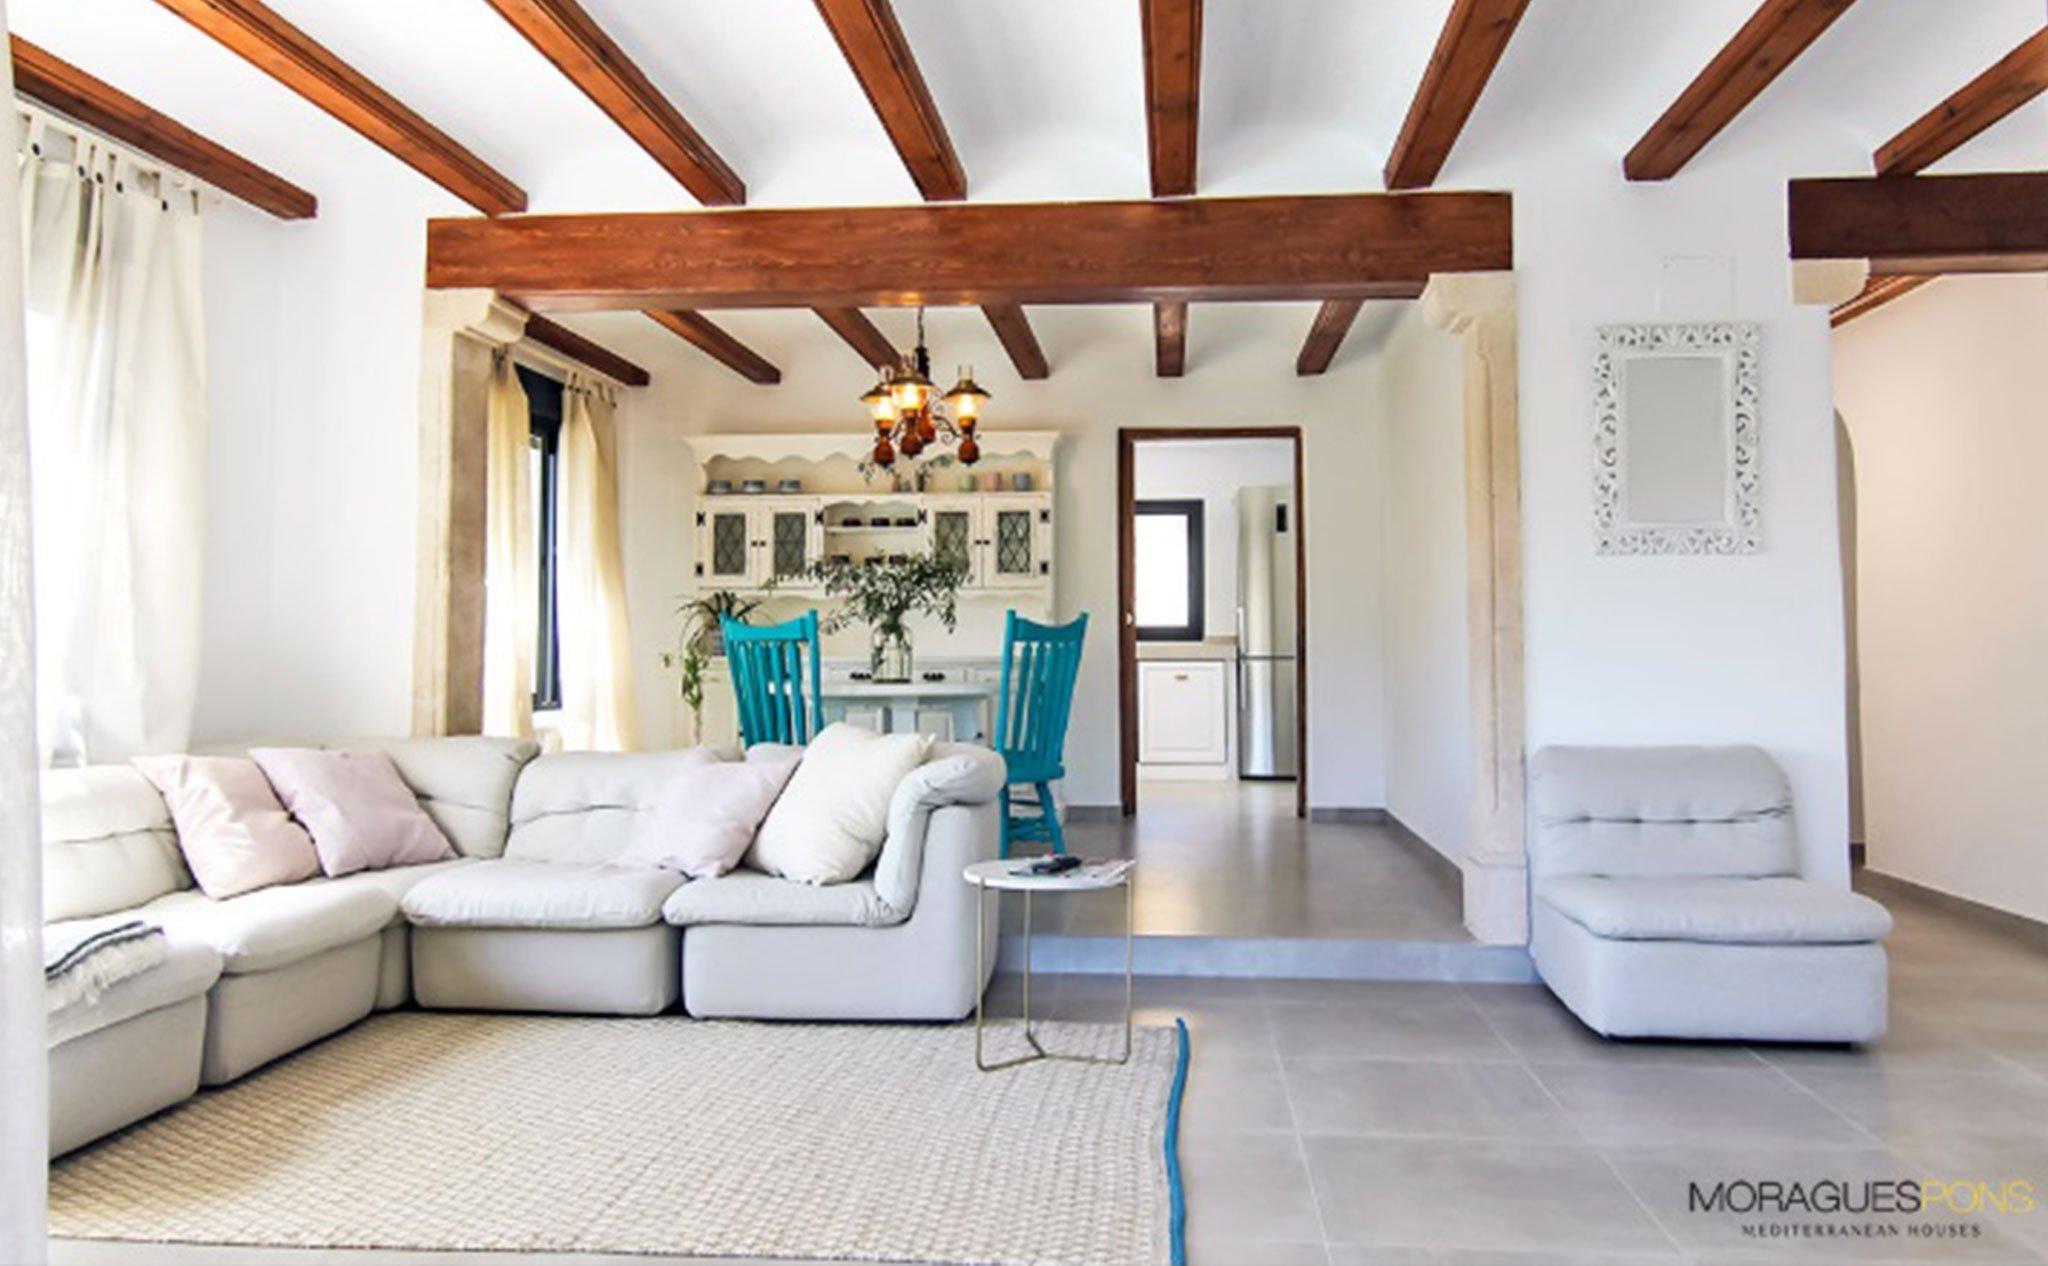 Salón de una casa en venta o alquiler en Jávea – MORAGUESPONS Mediterranean Houses